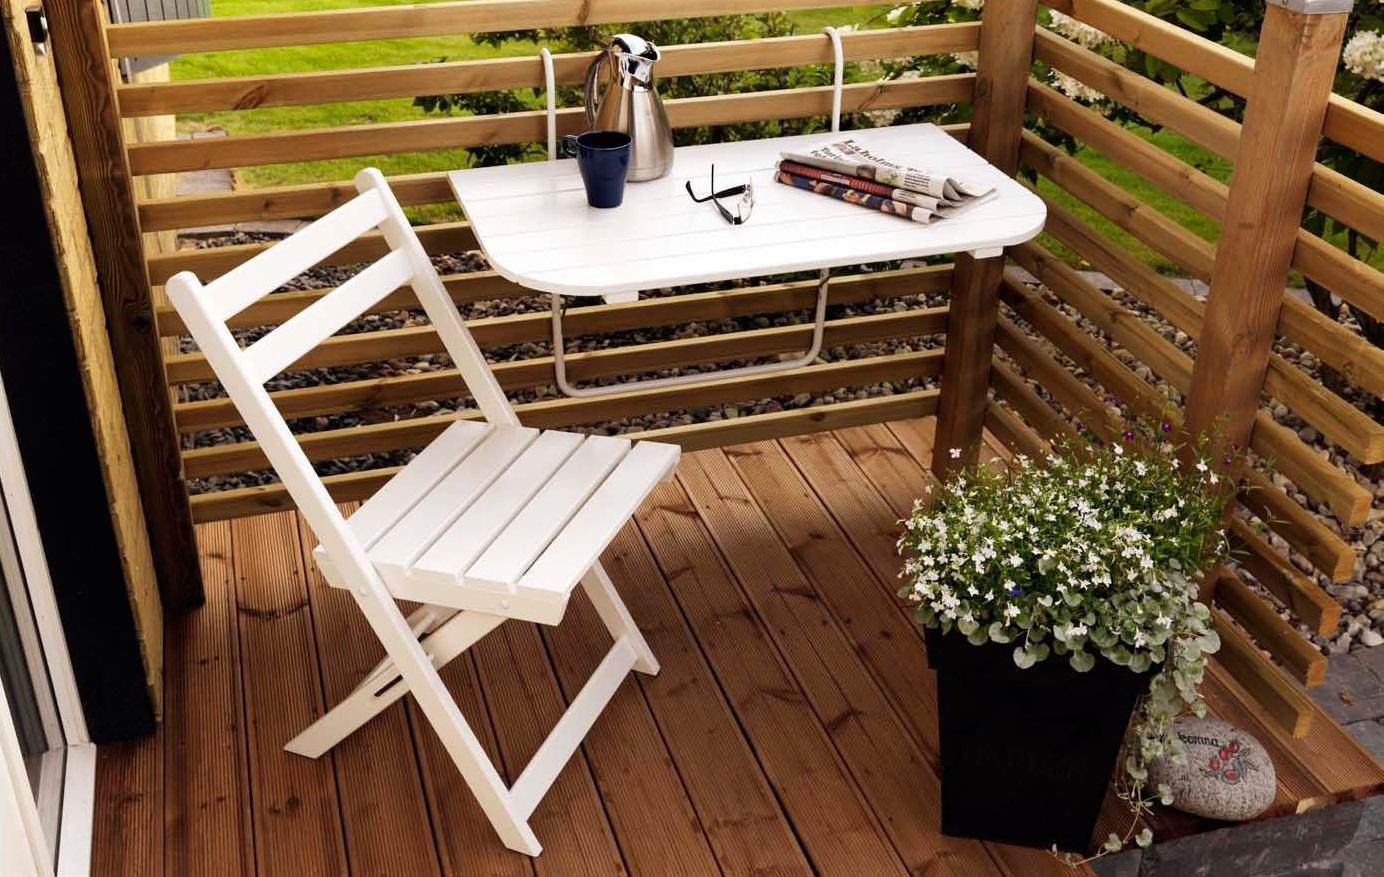 Купить столик навесной на балкон в москве.